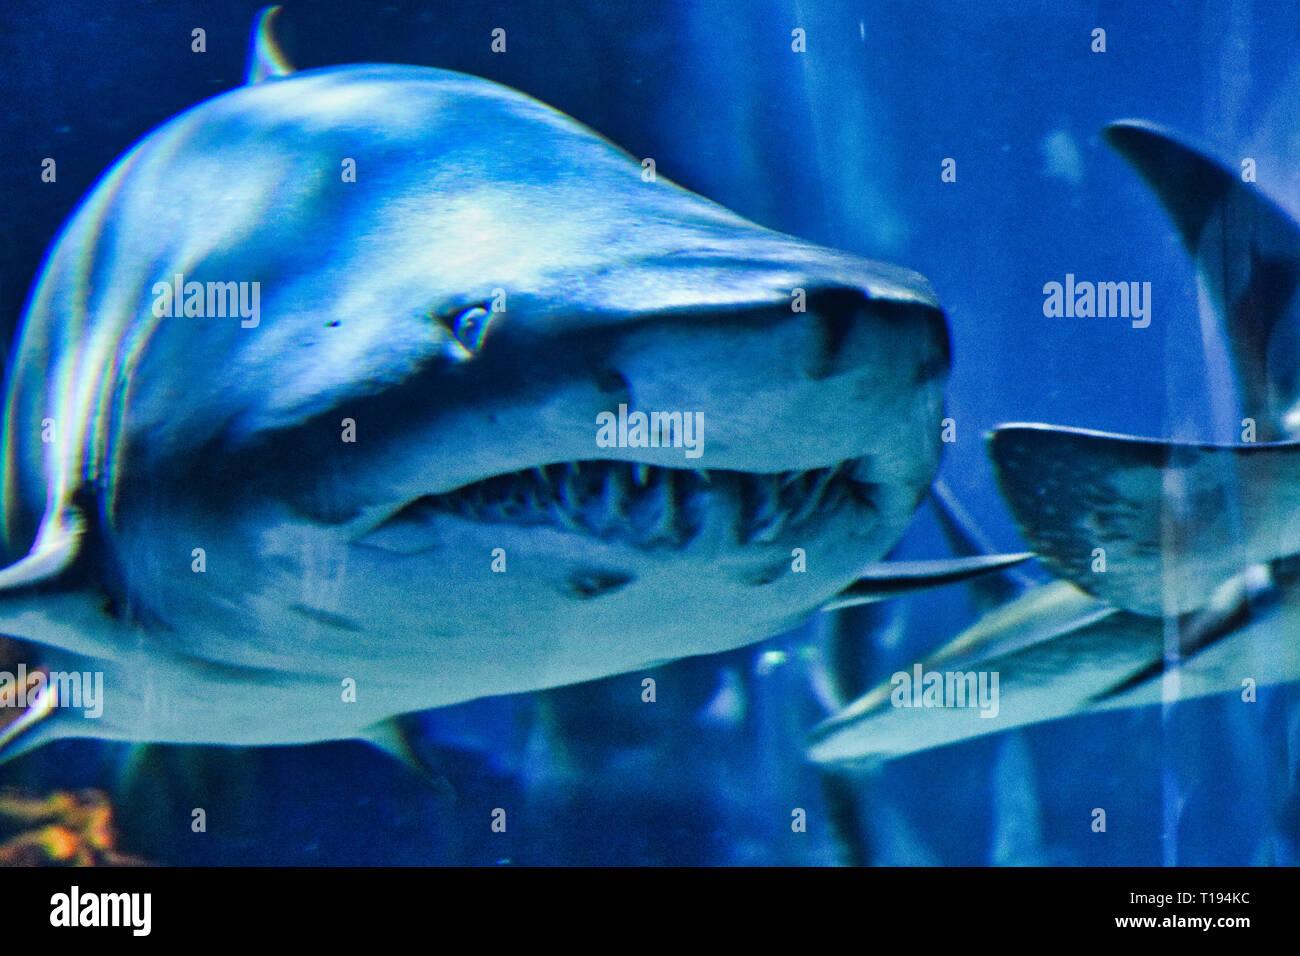 Haifisch-Tank robert von kym Größe Angelegenheiten, die Websites datieren